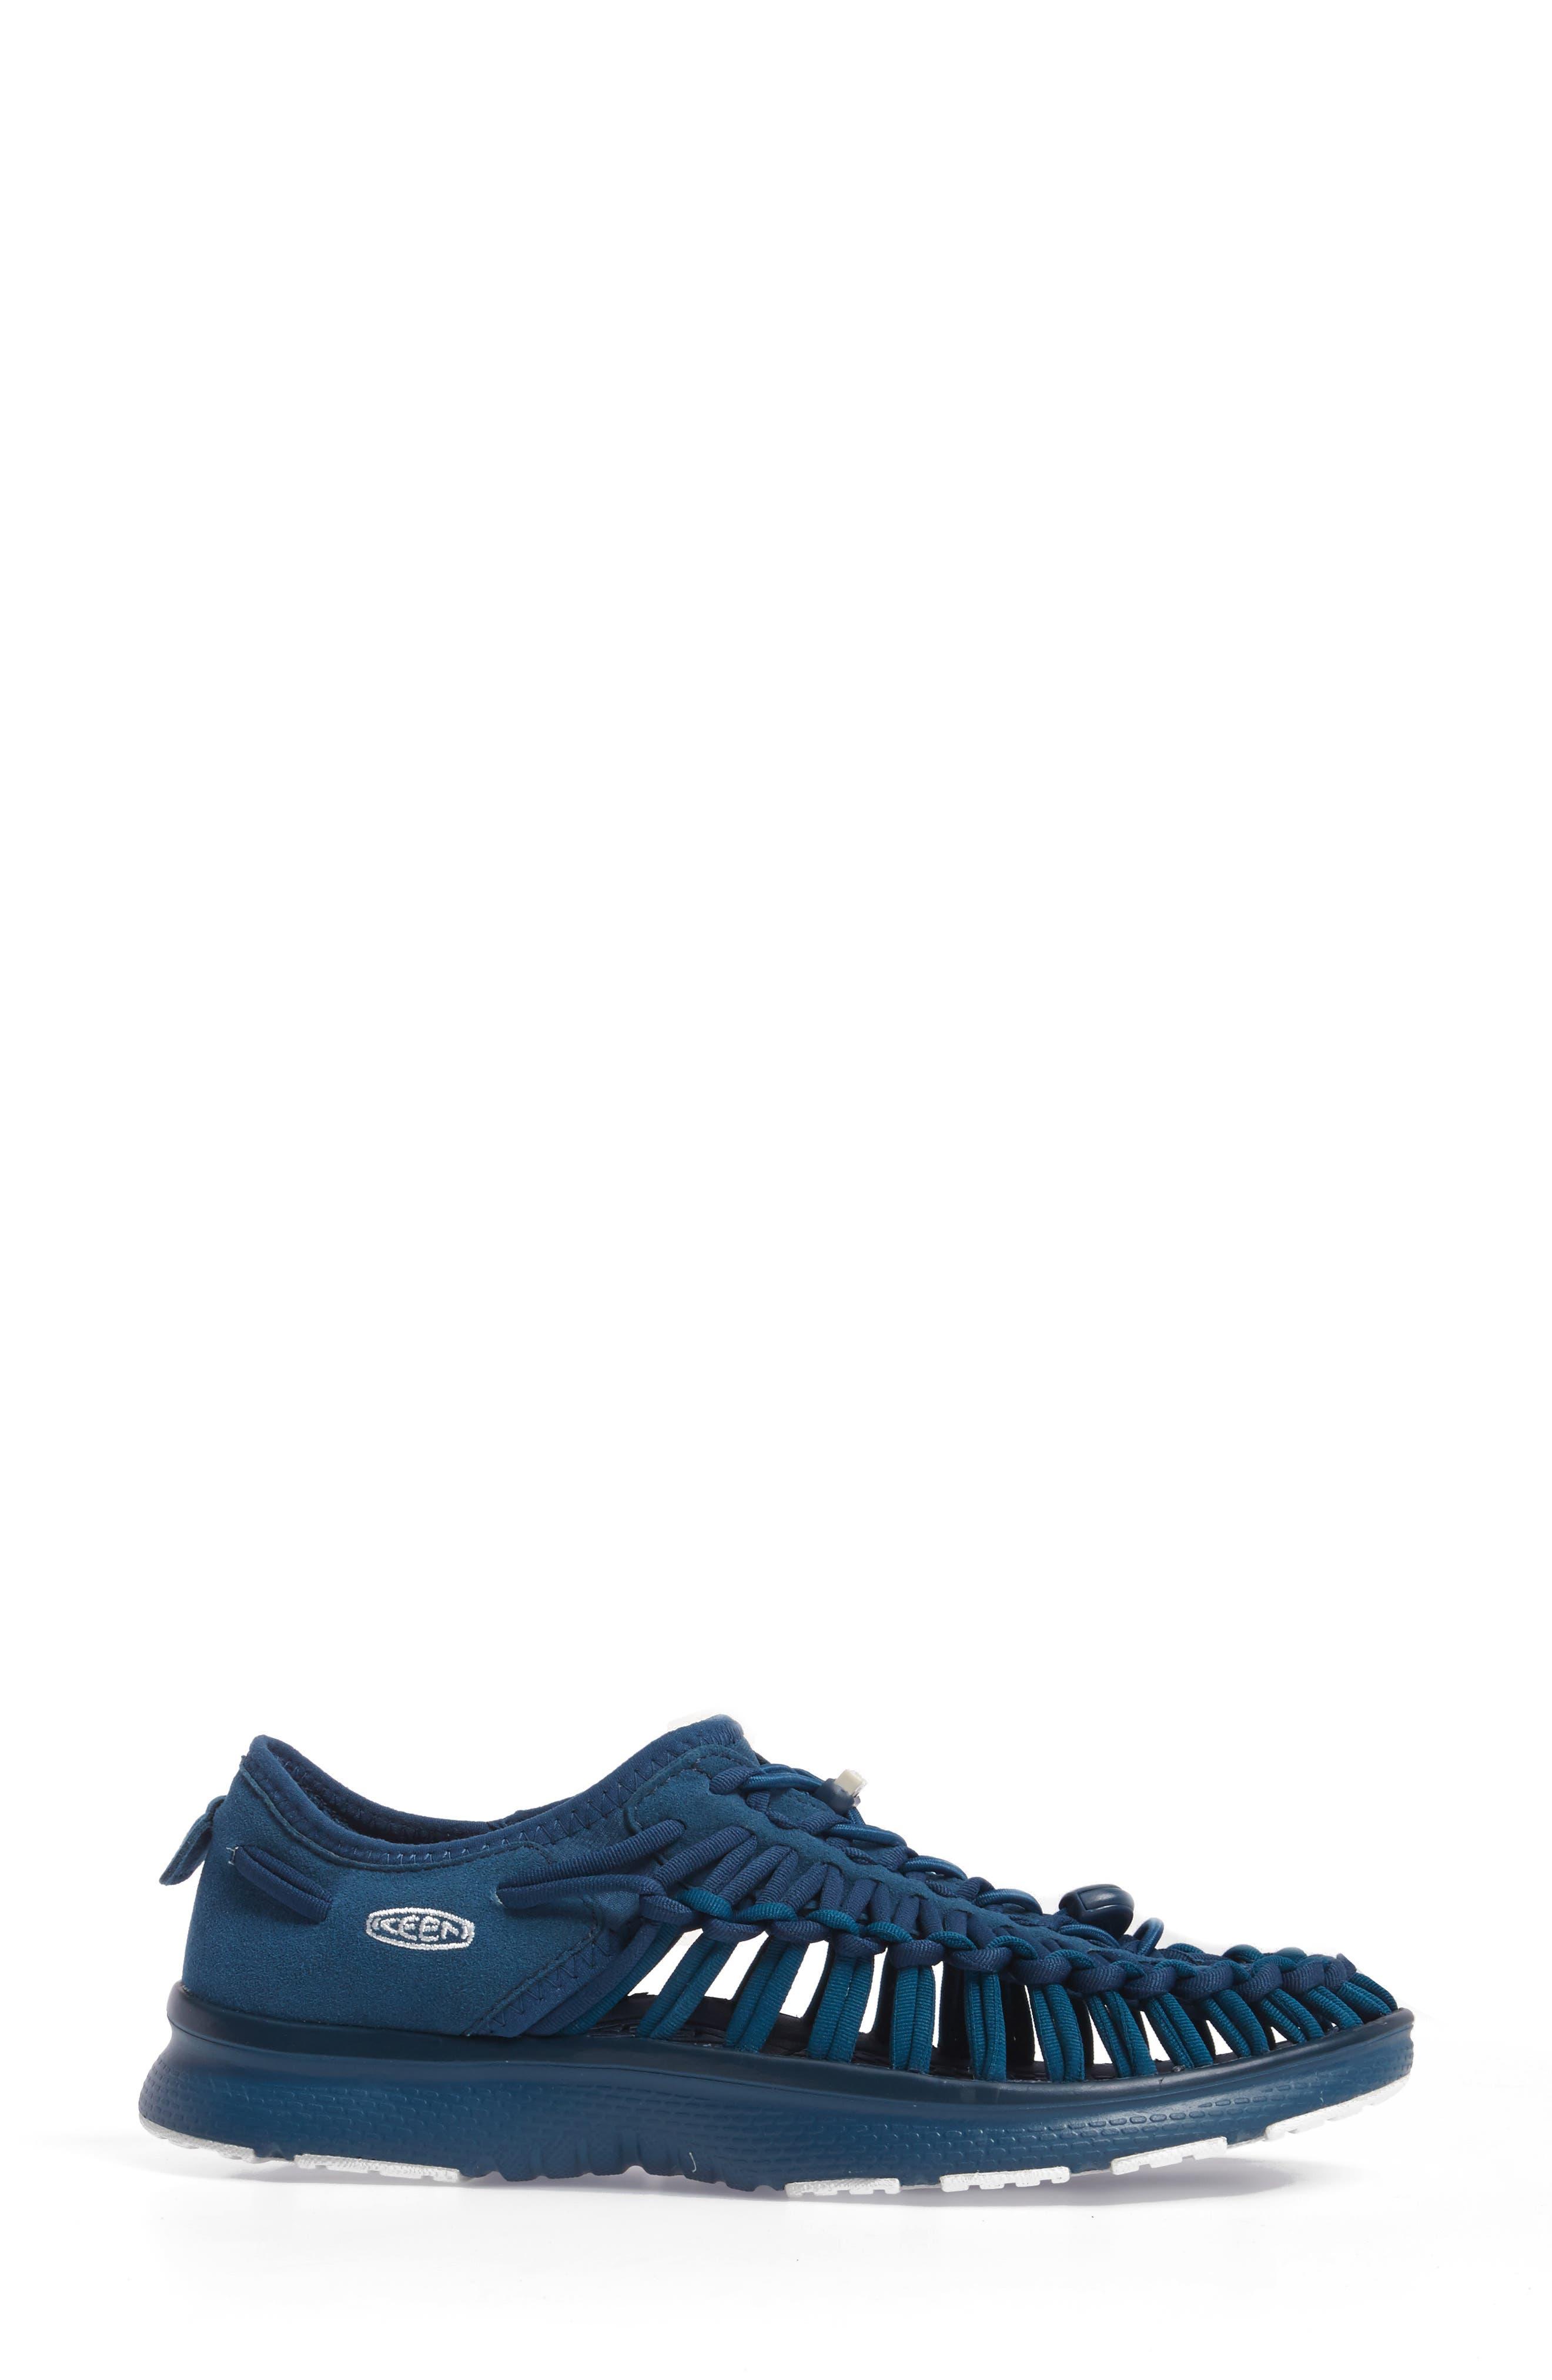 Alternate Image 3  - Keen Uneek Water Sneaker (Women)